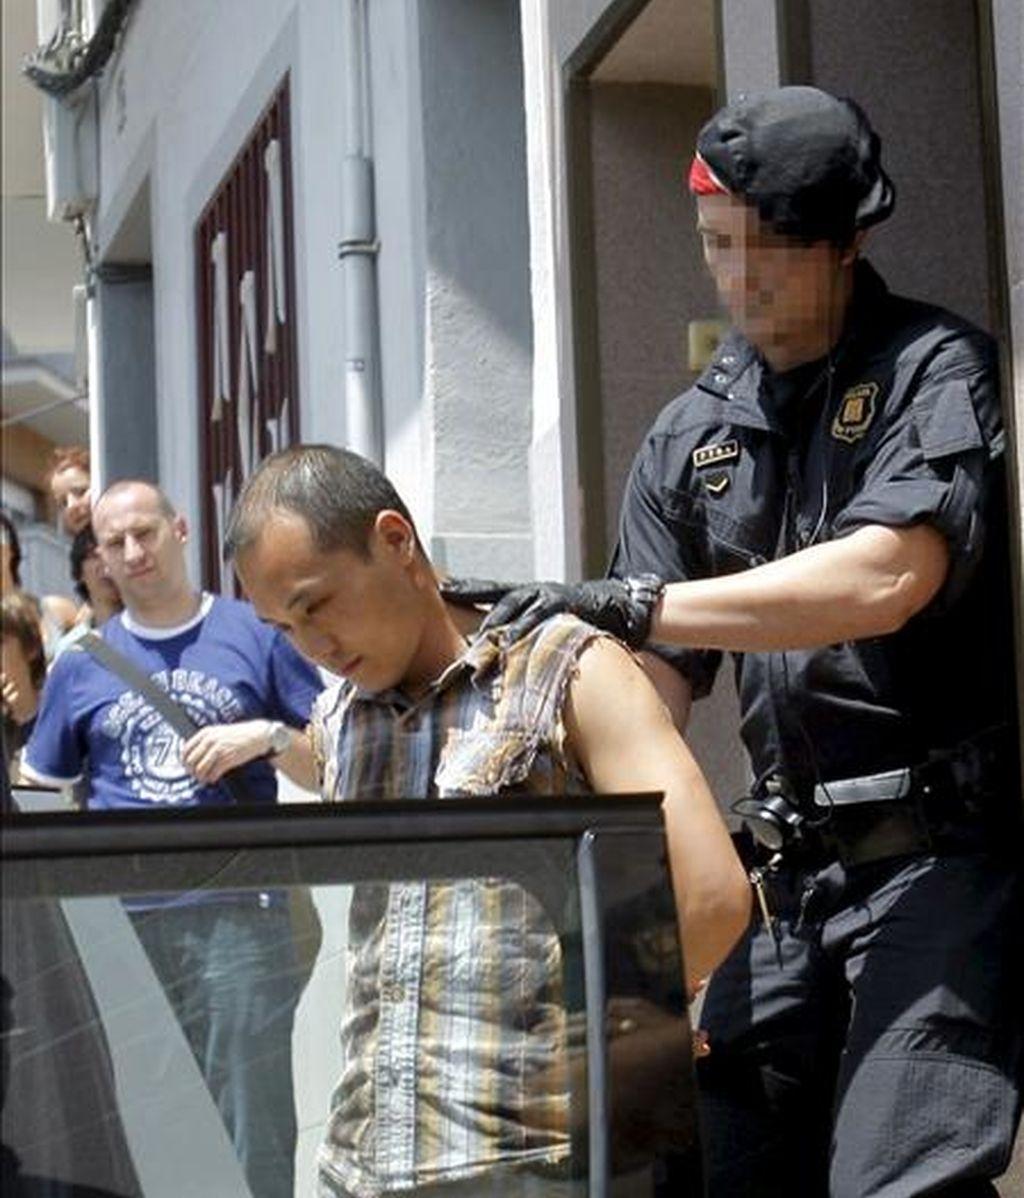 Un agente de los Mossos d'Esquadra traslada a uno de los detenidos durante la operación en la que se han registrado unos 70 talleres clandestinos textiles regentados por ciudadanos de origen chino en Mataró (Barcelona). EFE/Archivo